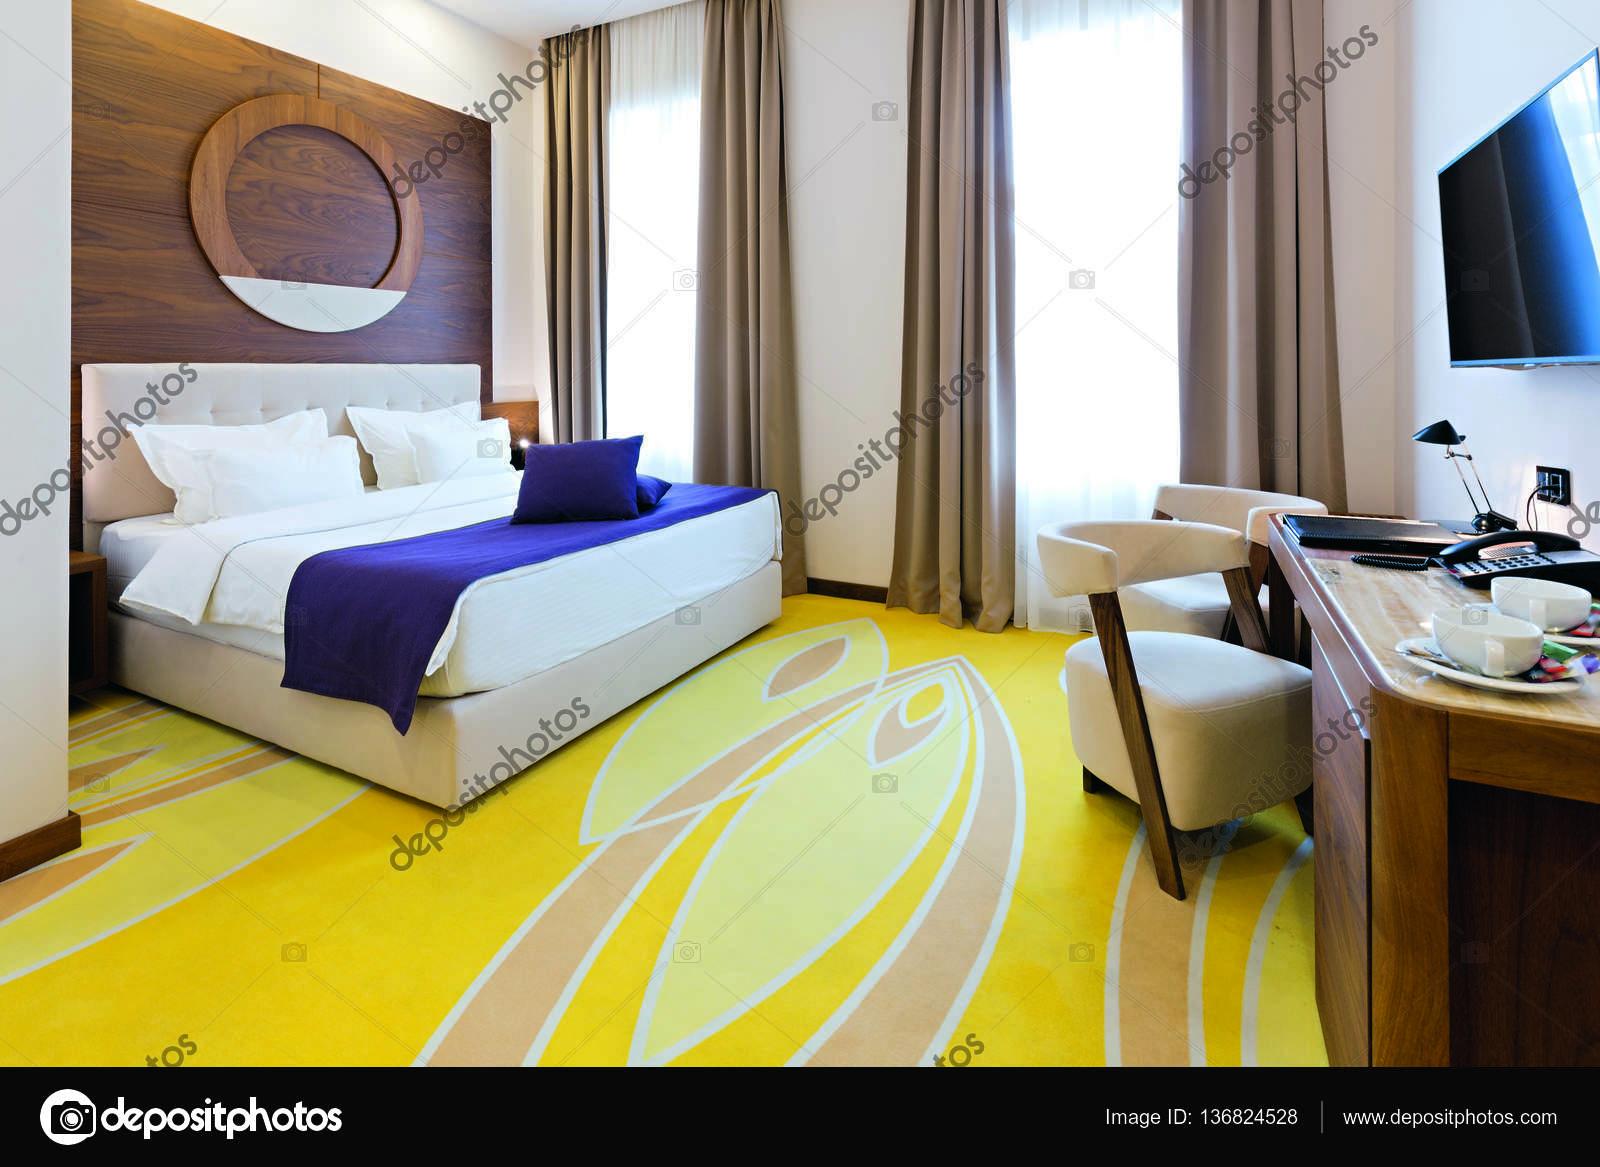 Schlafzimmer im modernen Hotel Zimmer Einrichtung — Stockfoto ...